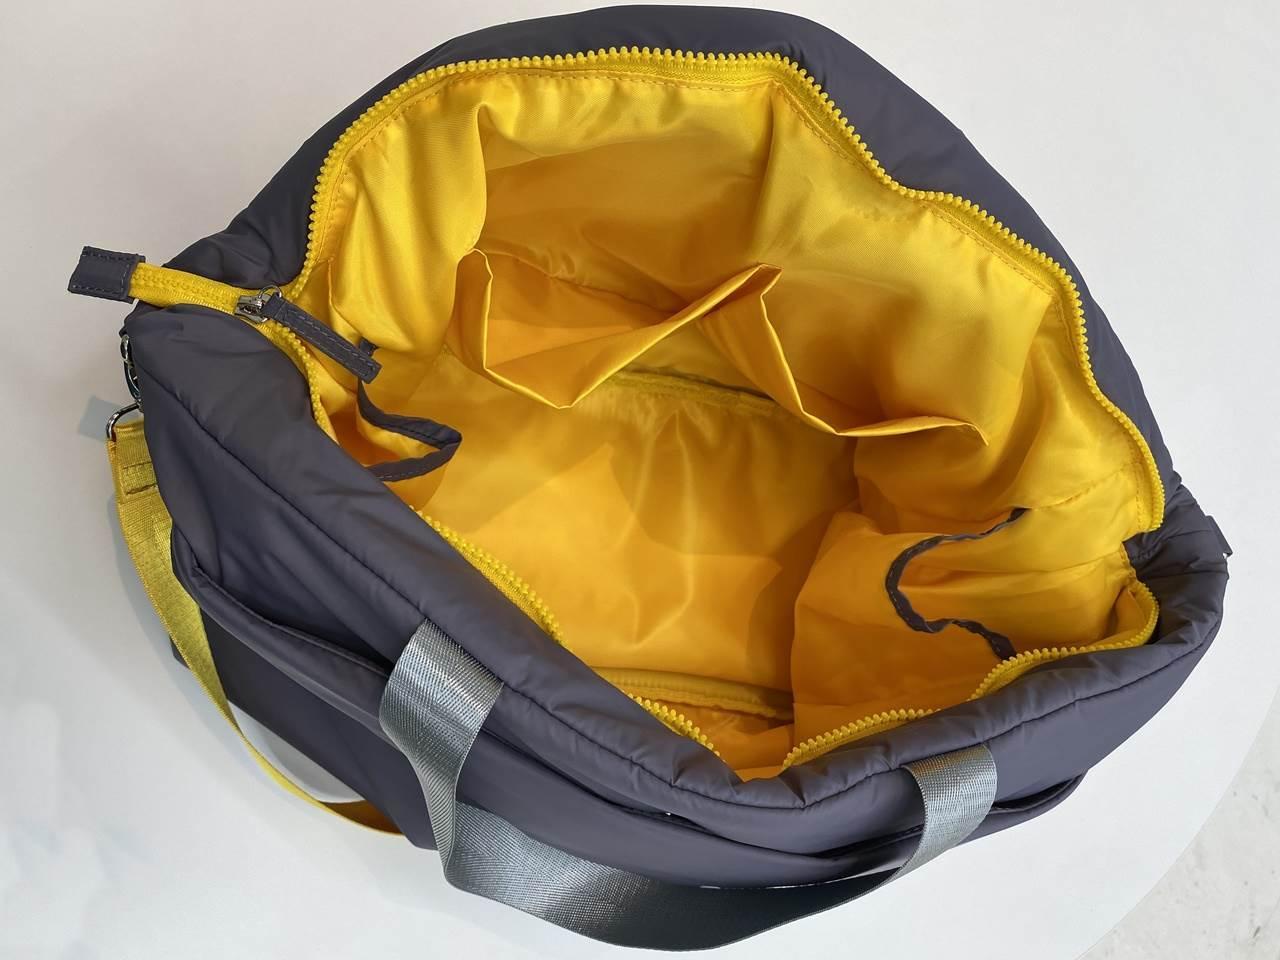 ことりっぷとコラボ 軽量大きめトートバッグの内ポケット